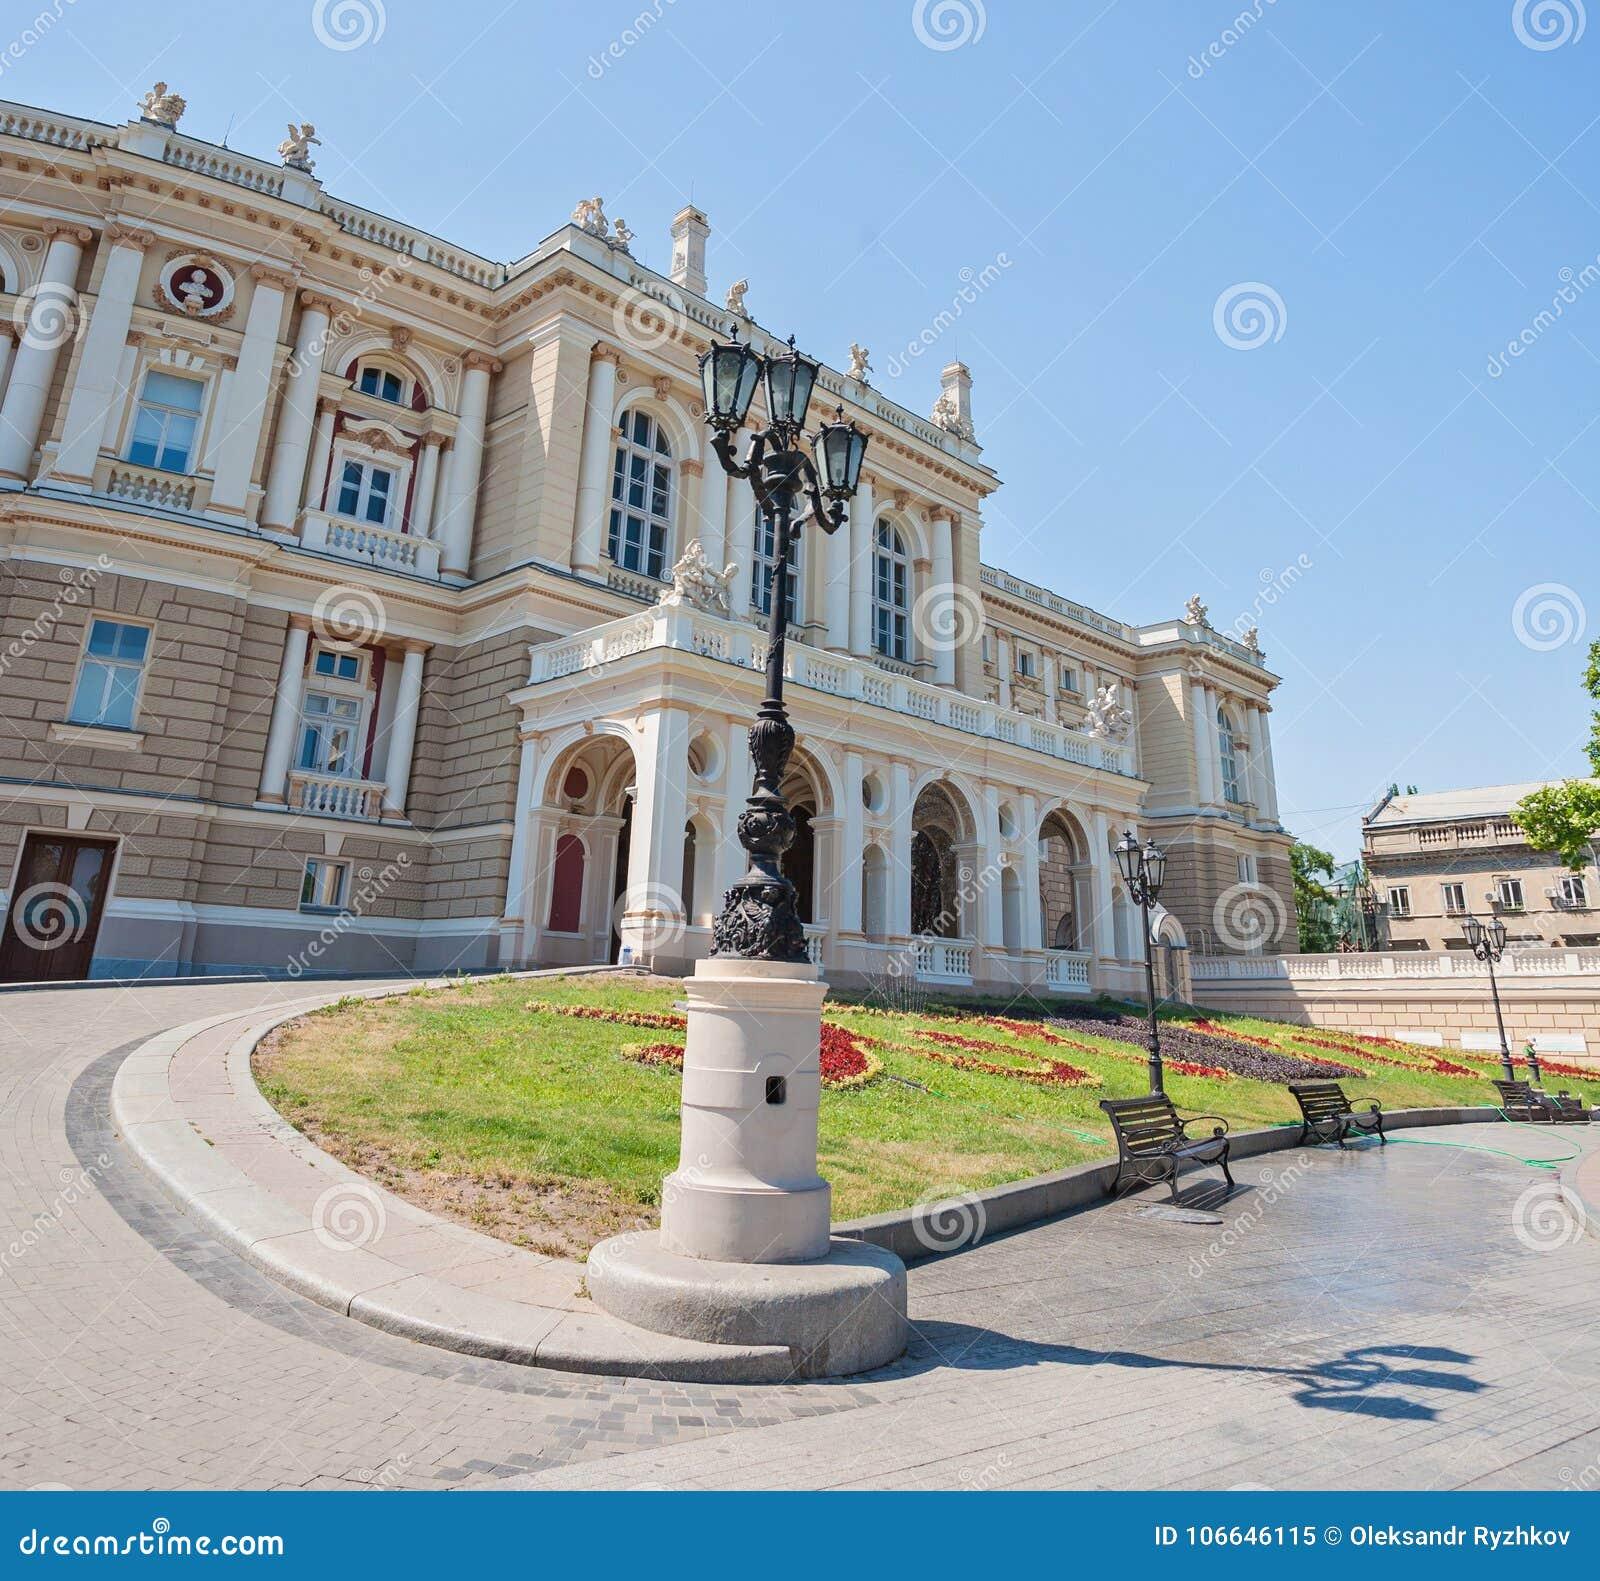 傲德萨歌剧和芭蕾舞团,乌克兰